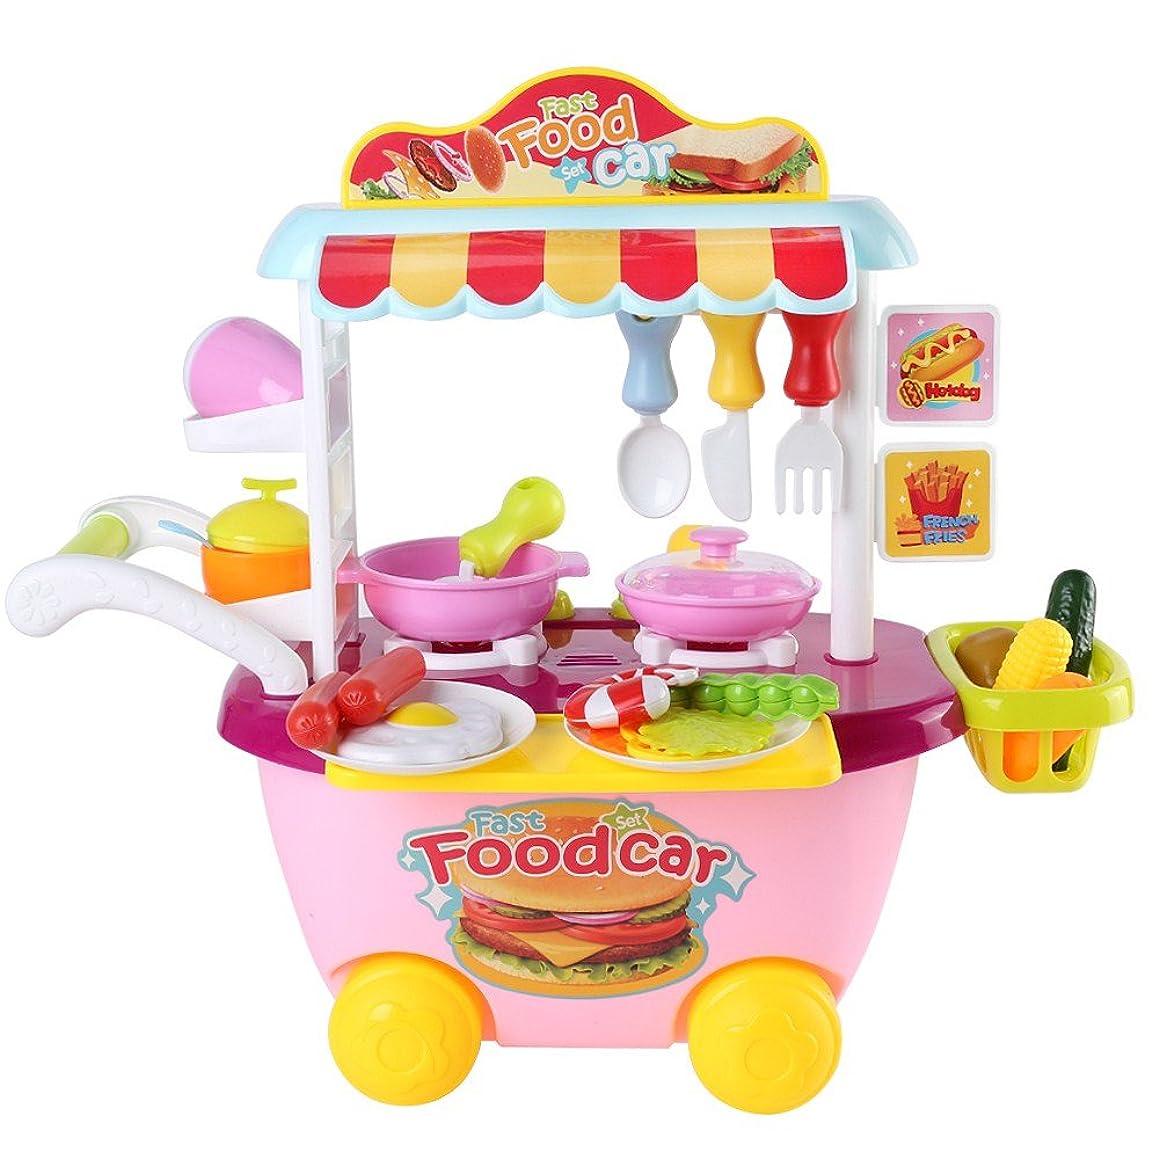 雑種順応性マウントホームキッチンピンクキッズ子供Fun PlayセットCooking Play教育玩具ごっこ遊びベストクリスマスギフト